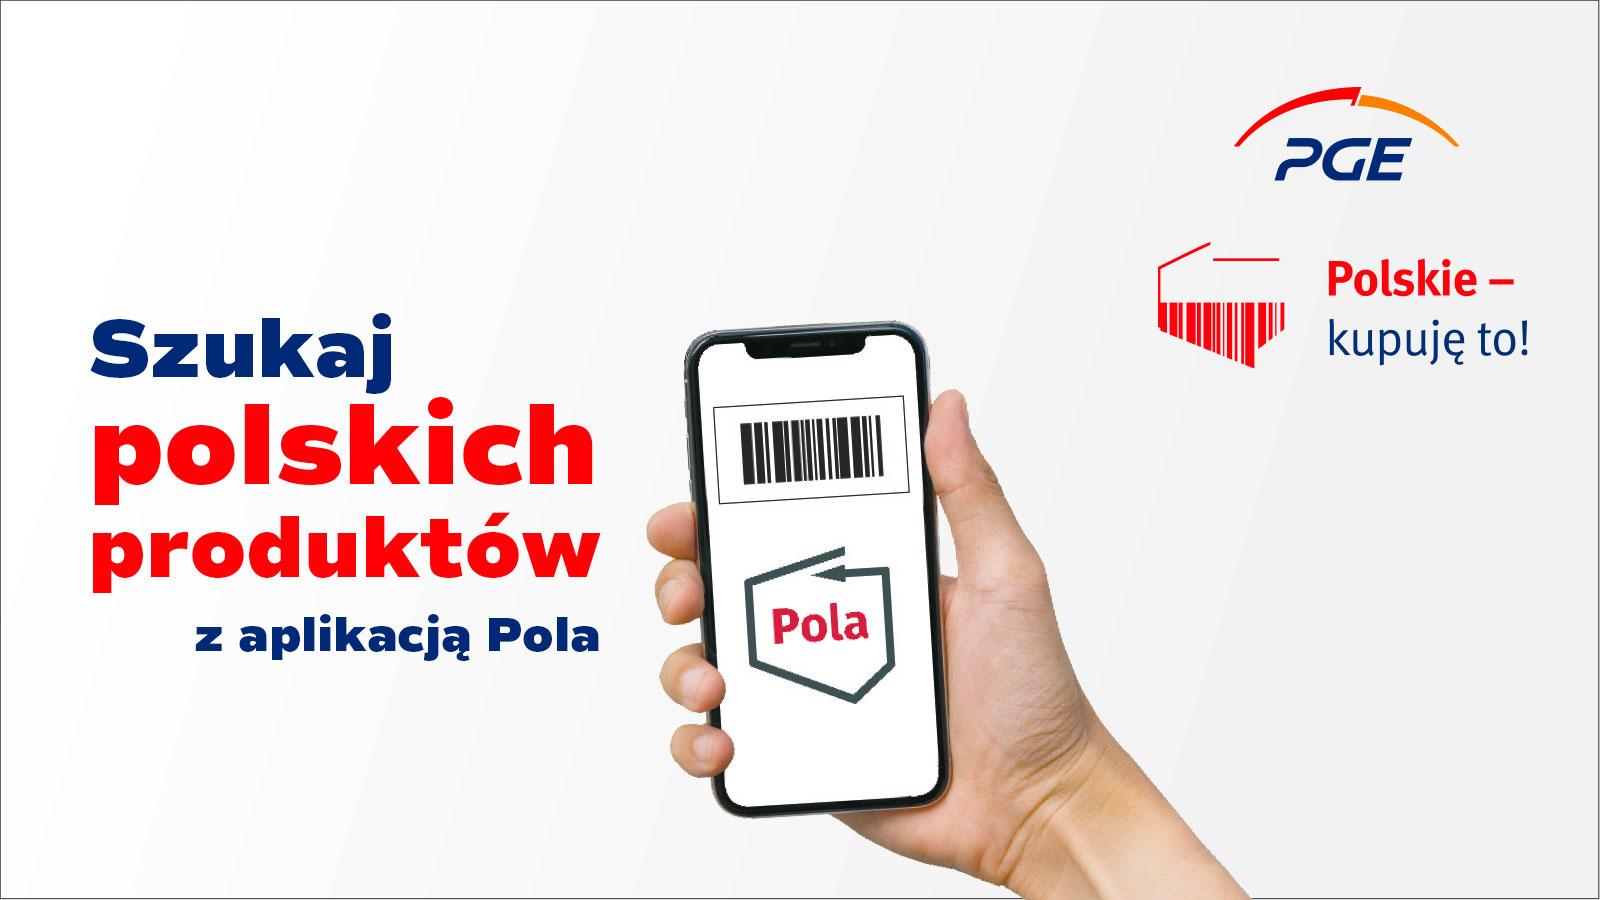 pge-wspiera-rozwoj-aplikacji-pola-w-ramach-akcji-polskie-kupuje-to!-.jpg